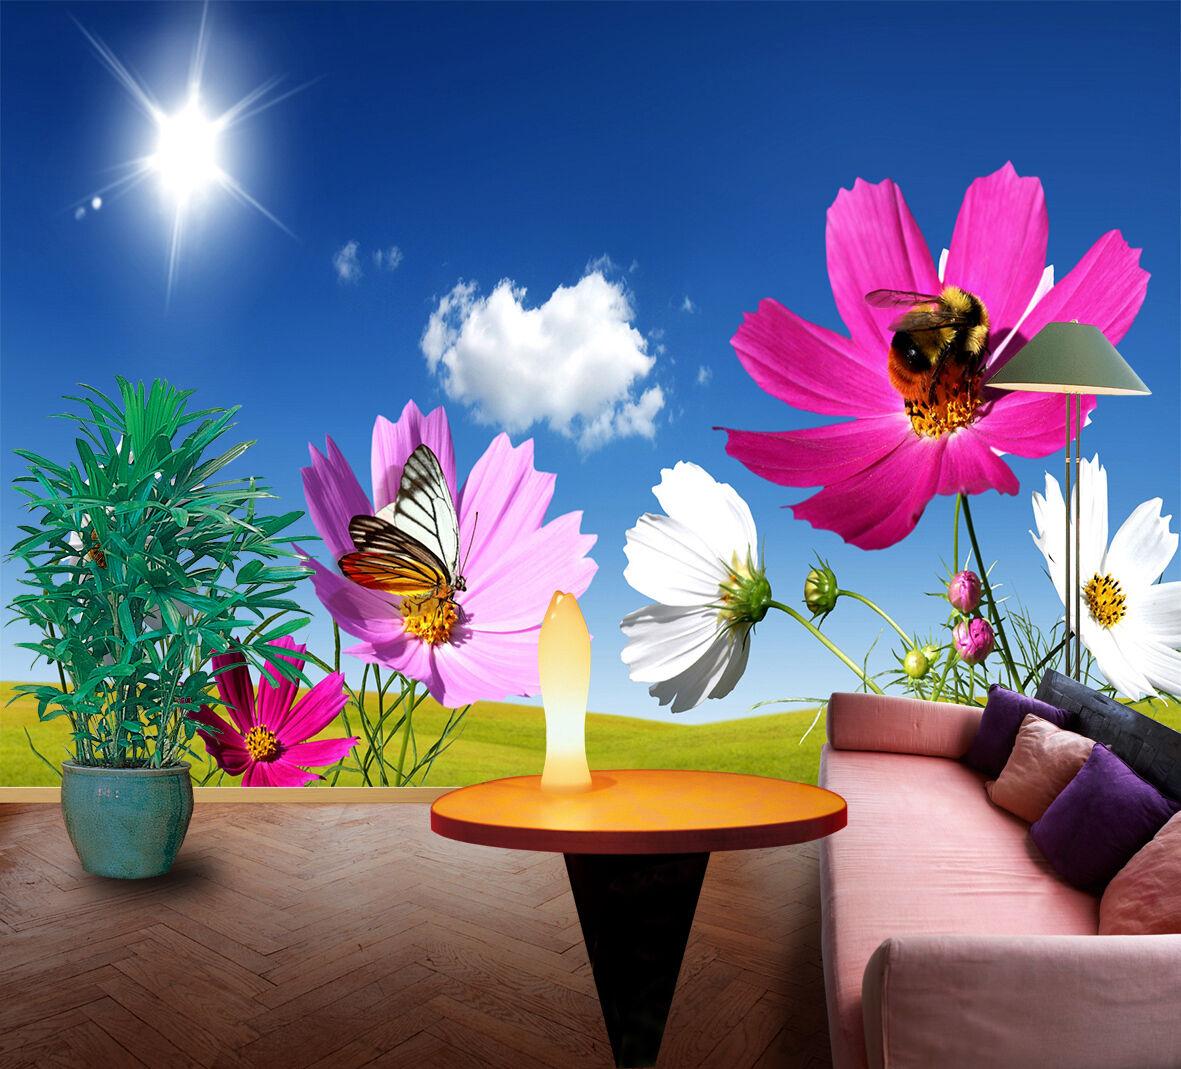 3D Flowers Butterfly Bee 17 Wallpaper Decal Dercor Home Kids Nursery Mural  Home